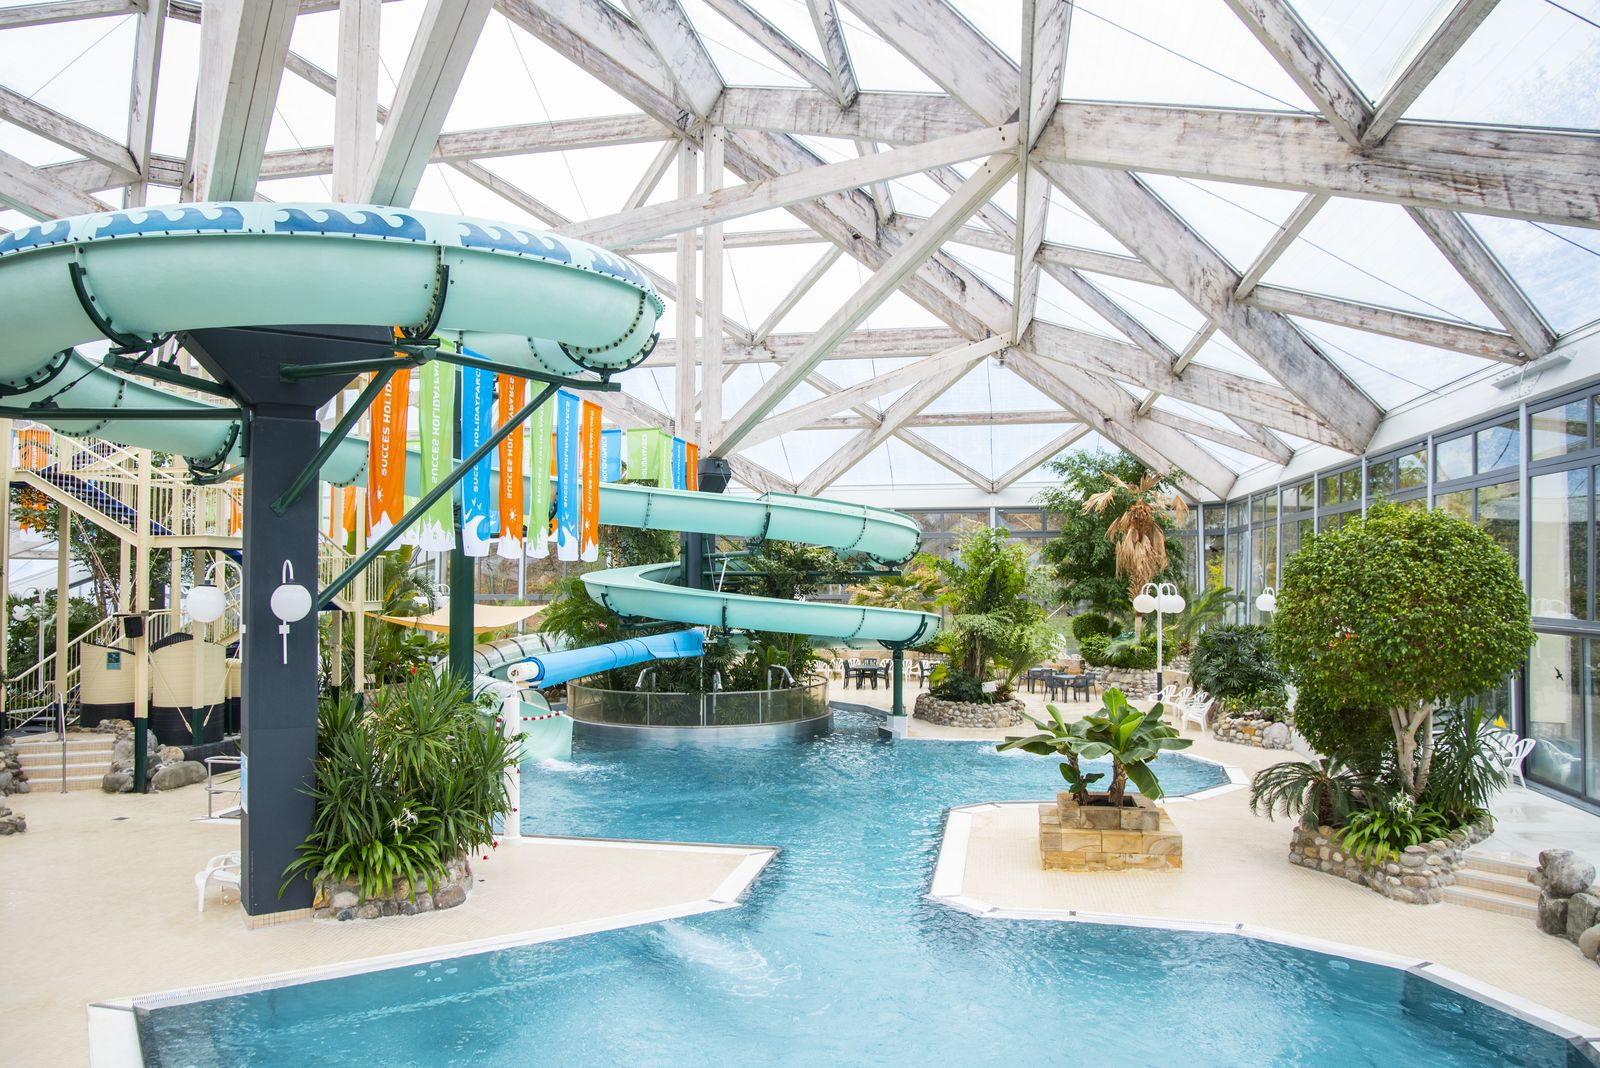 Vakantiepark met subtropisch zwembad Duitsland